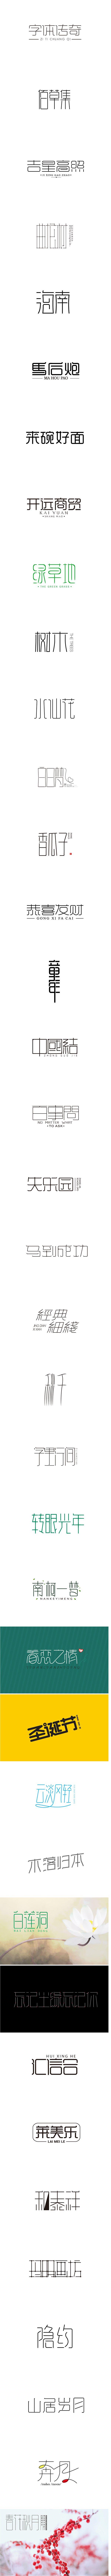 字体设计 Chinese typeface design on Typography Served